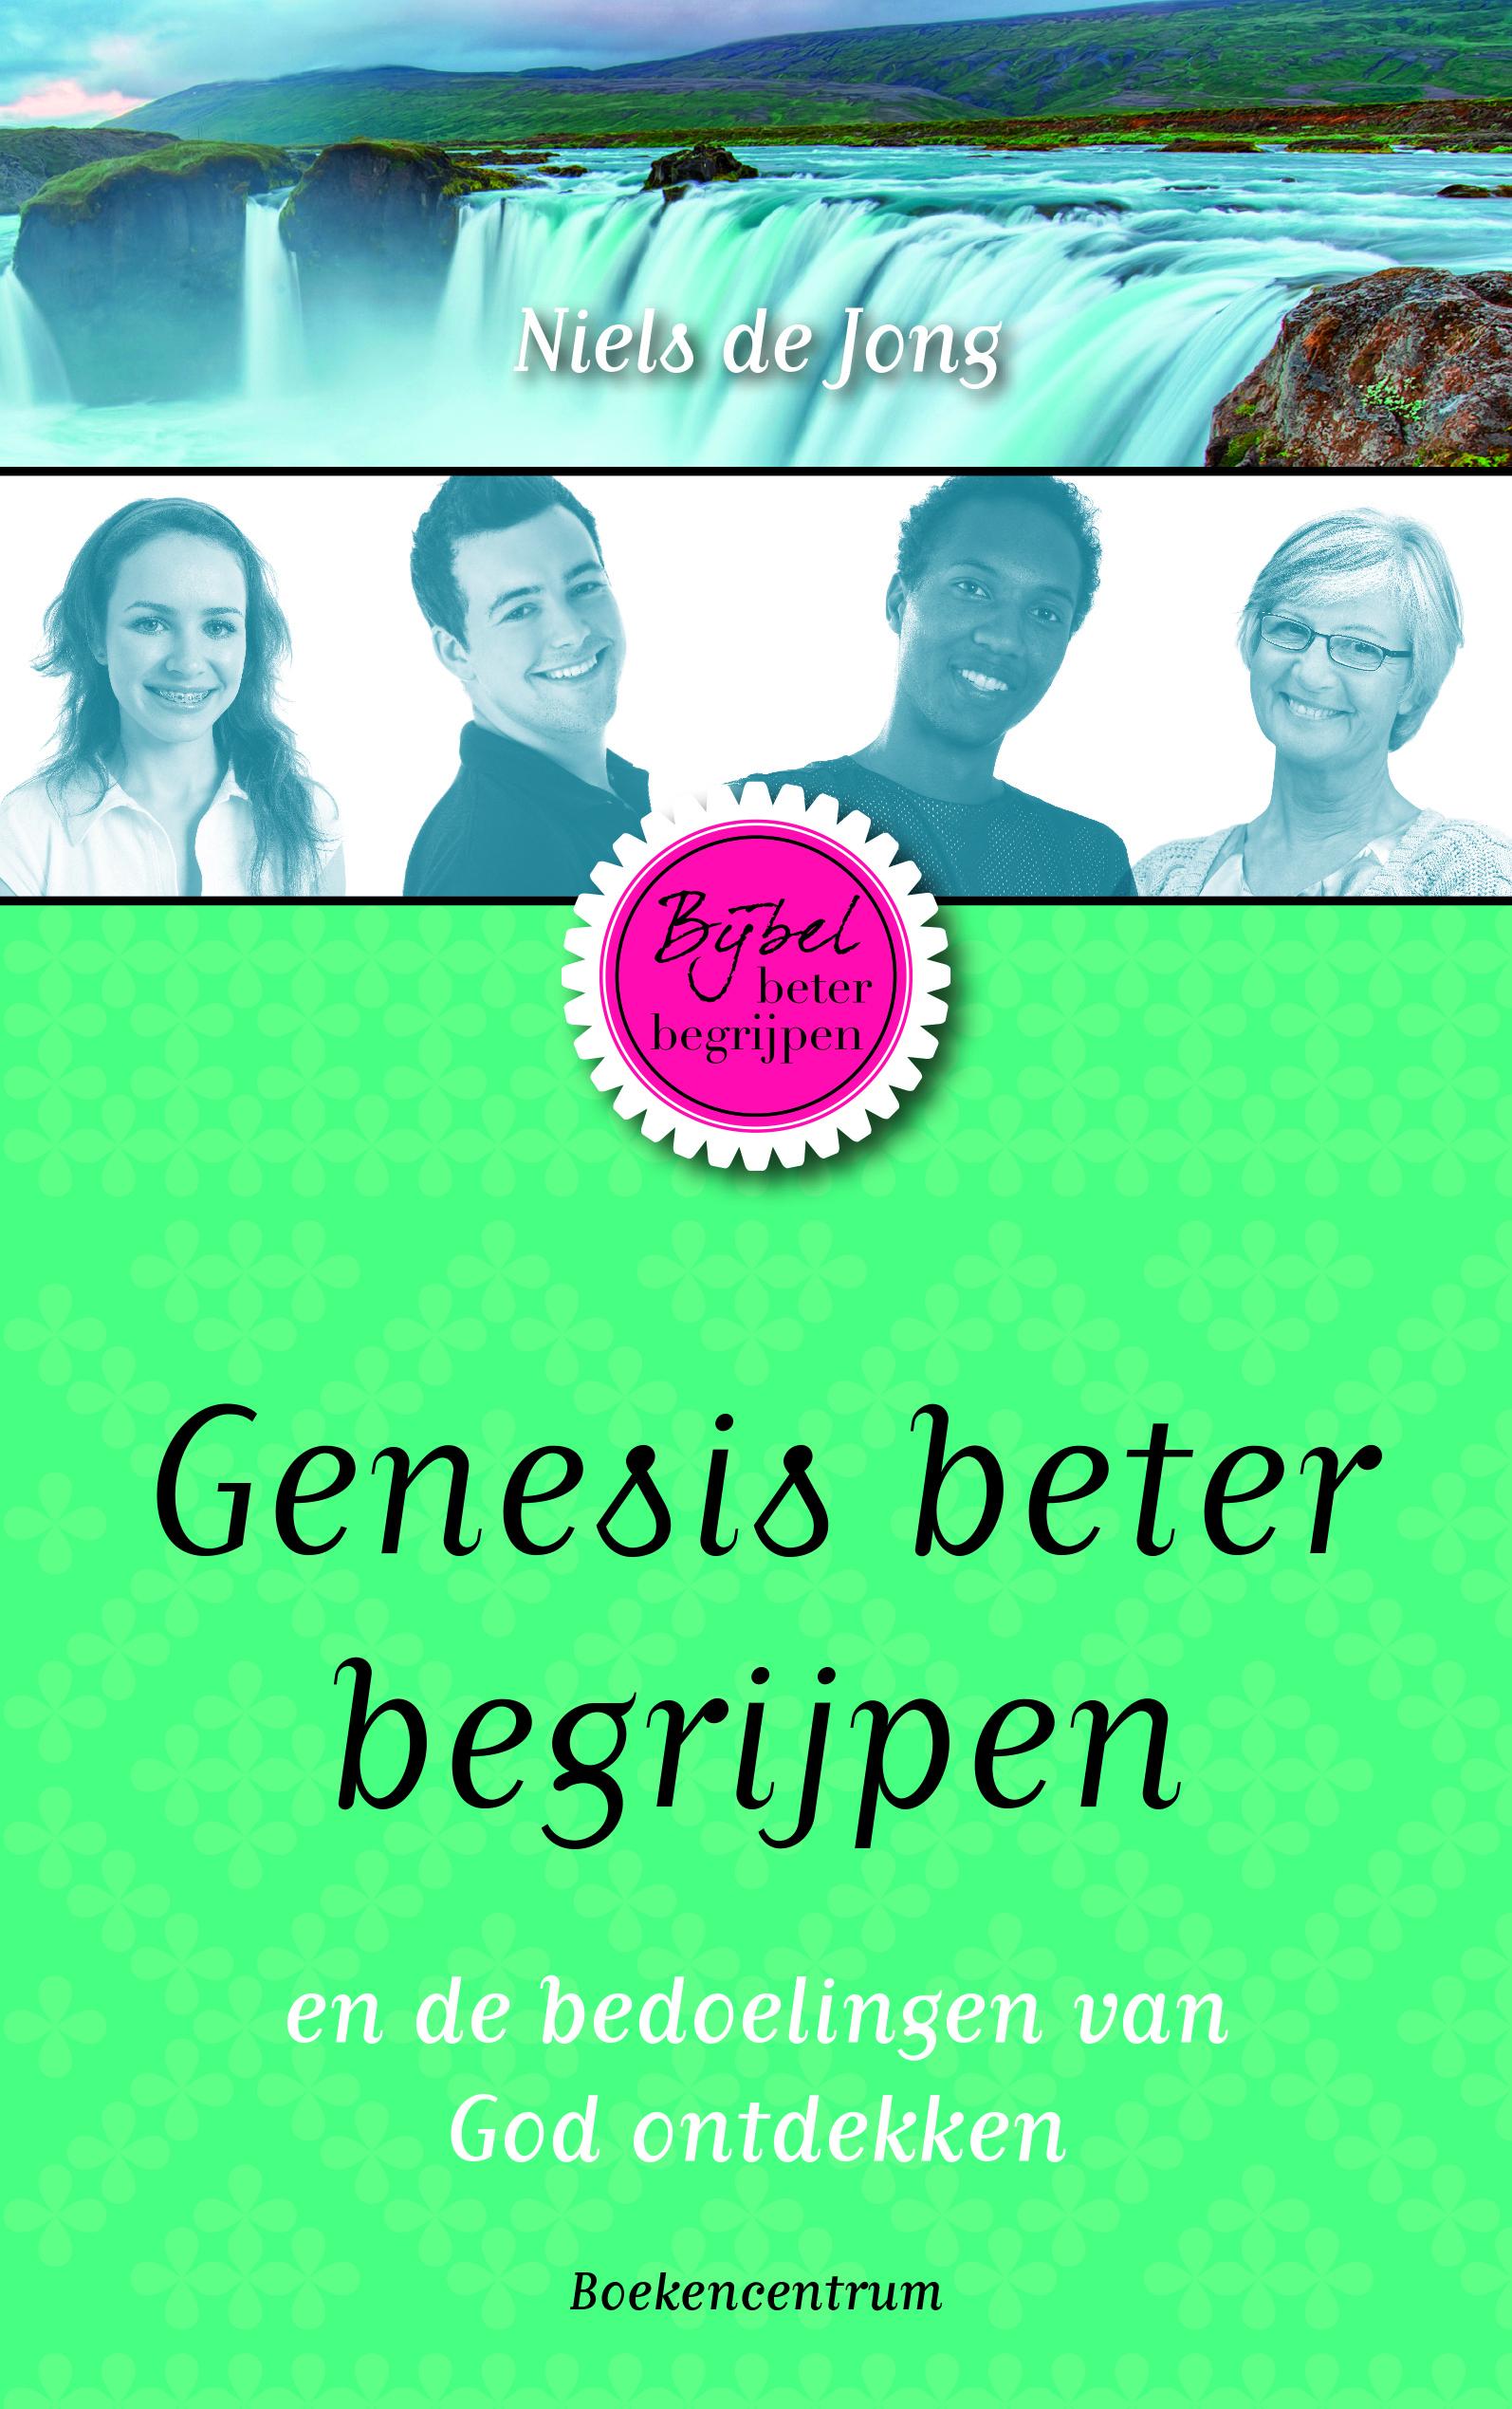 Het boek Genesis beter begrijpen van Niels de Jong